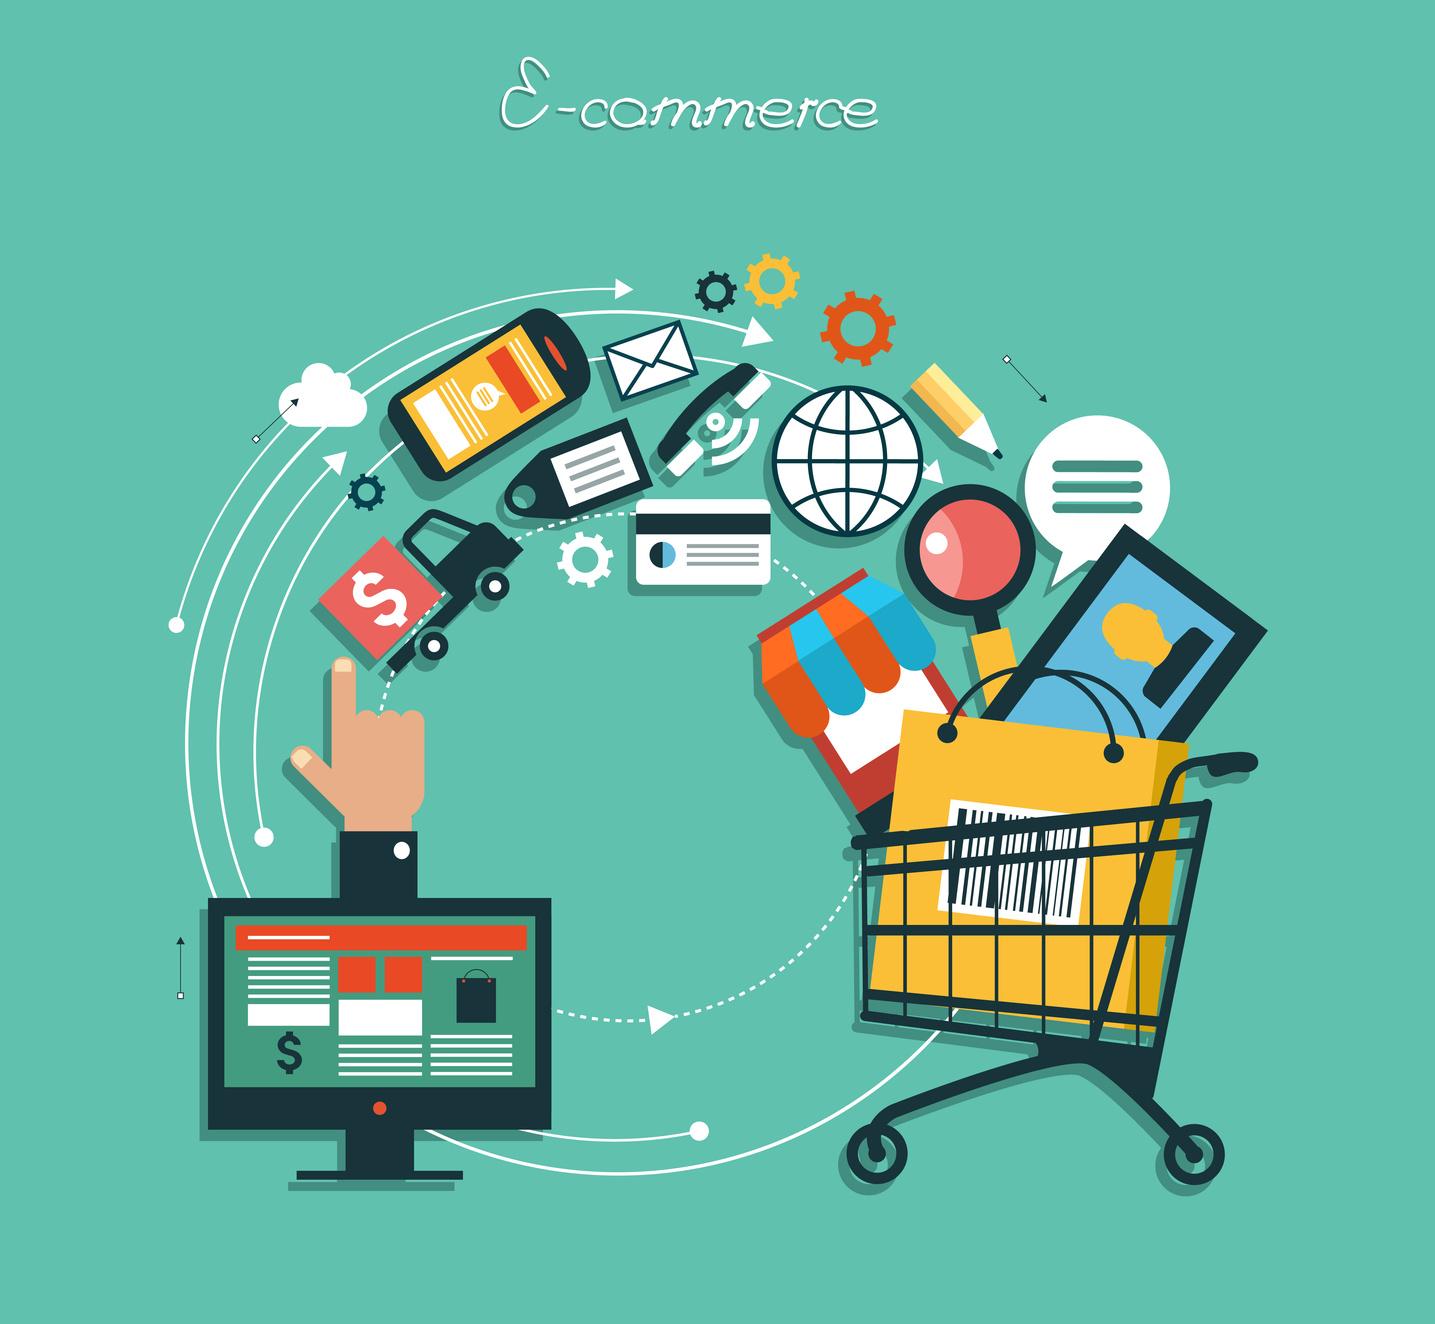 Digitales Einkaufen: Luxus zeichnet sich dadurch aus, dass er nicht für jedermann verfügbar ist – er stellt etwas Besonderes dar. (#01)